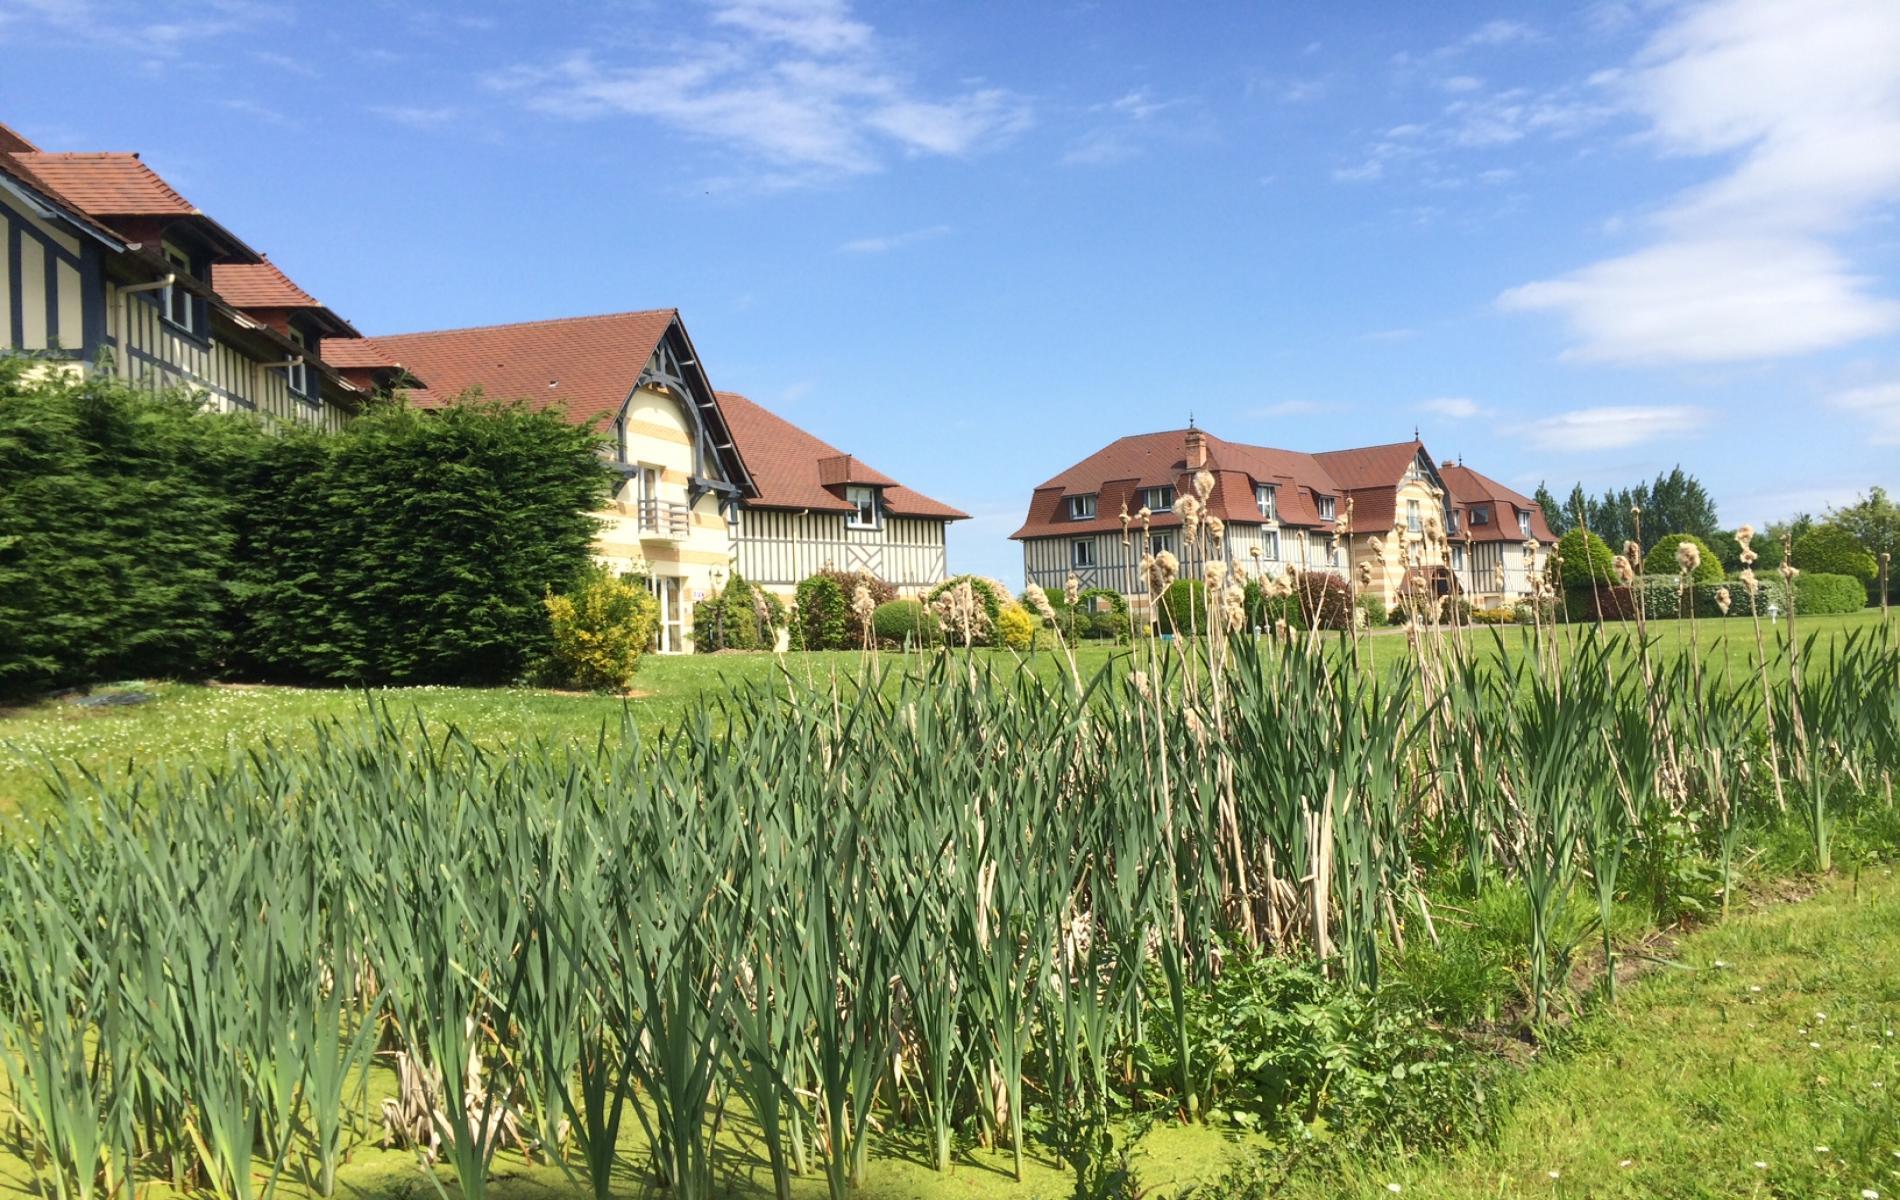 Manoir de la Poterie - Hotel à Deauville